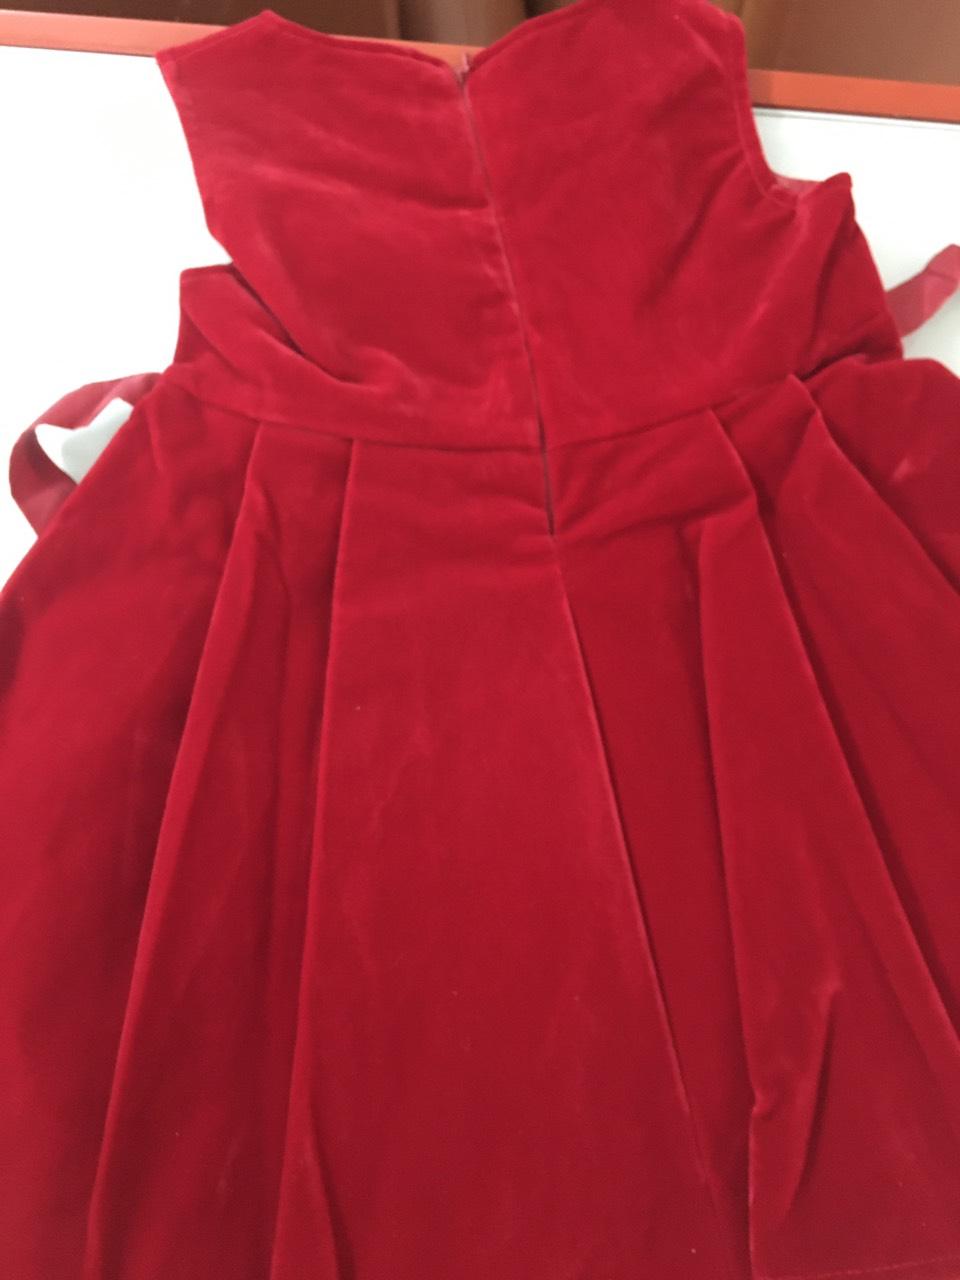 váy đỏ nhung bé gái 2.jpg